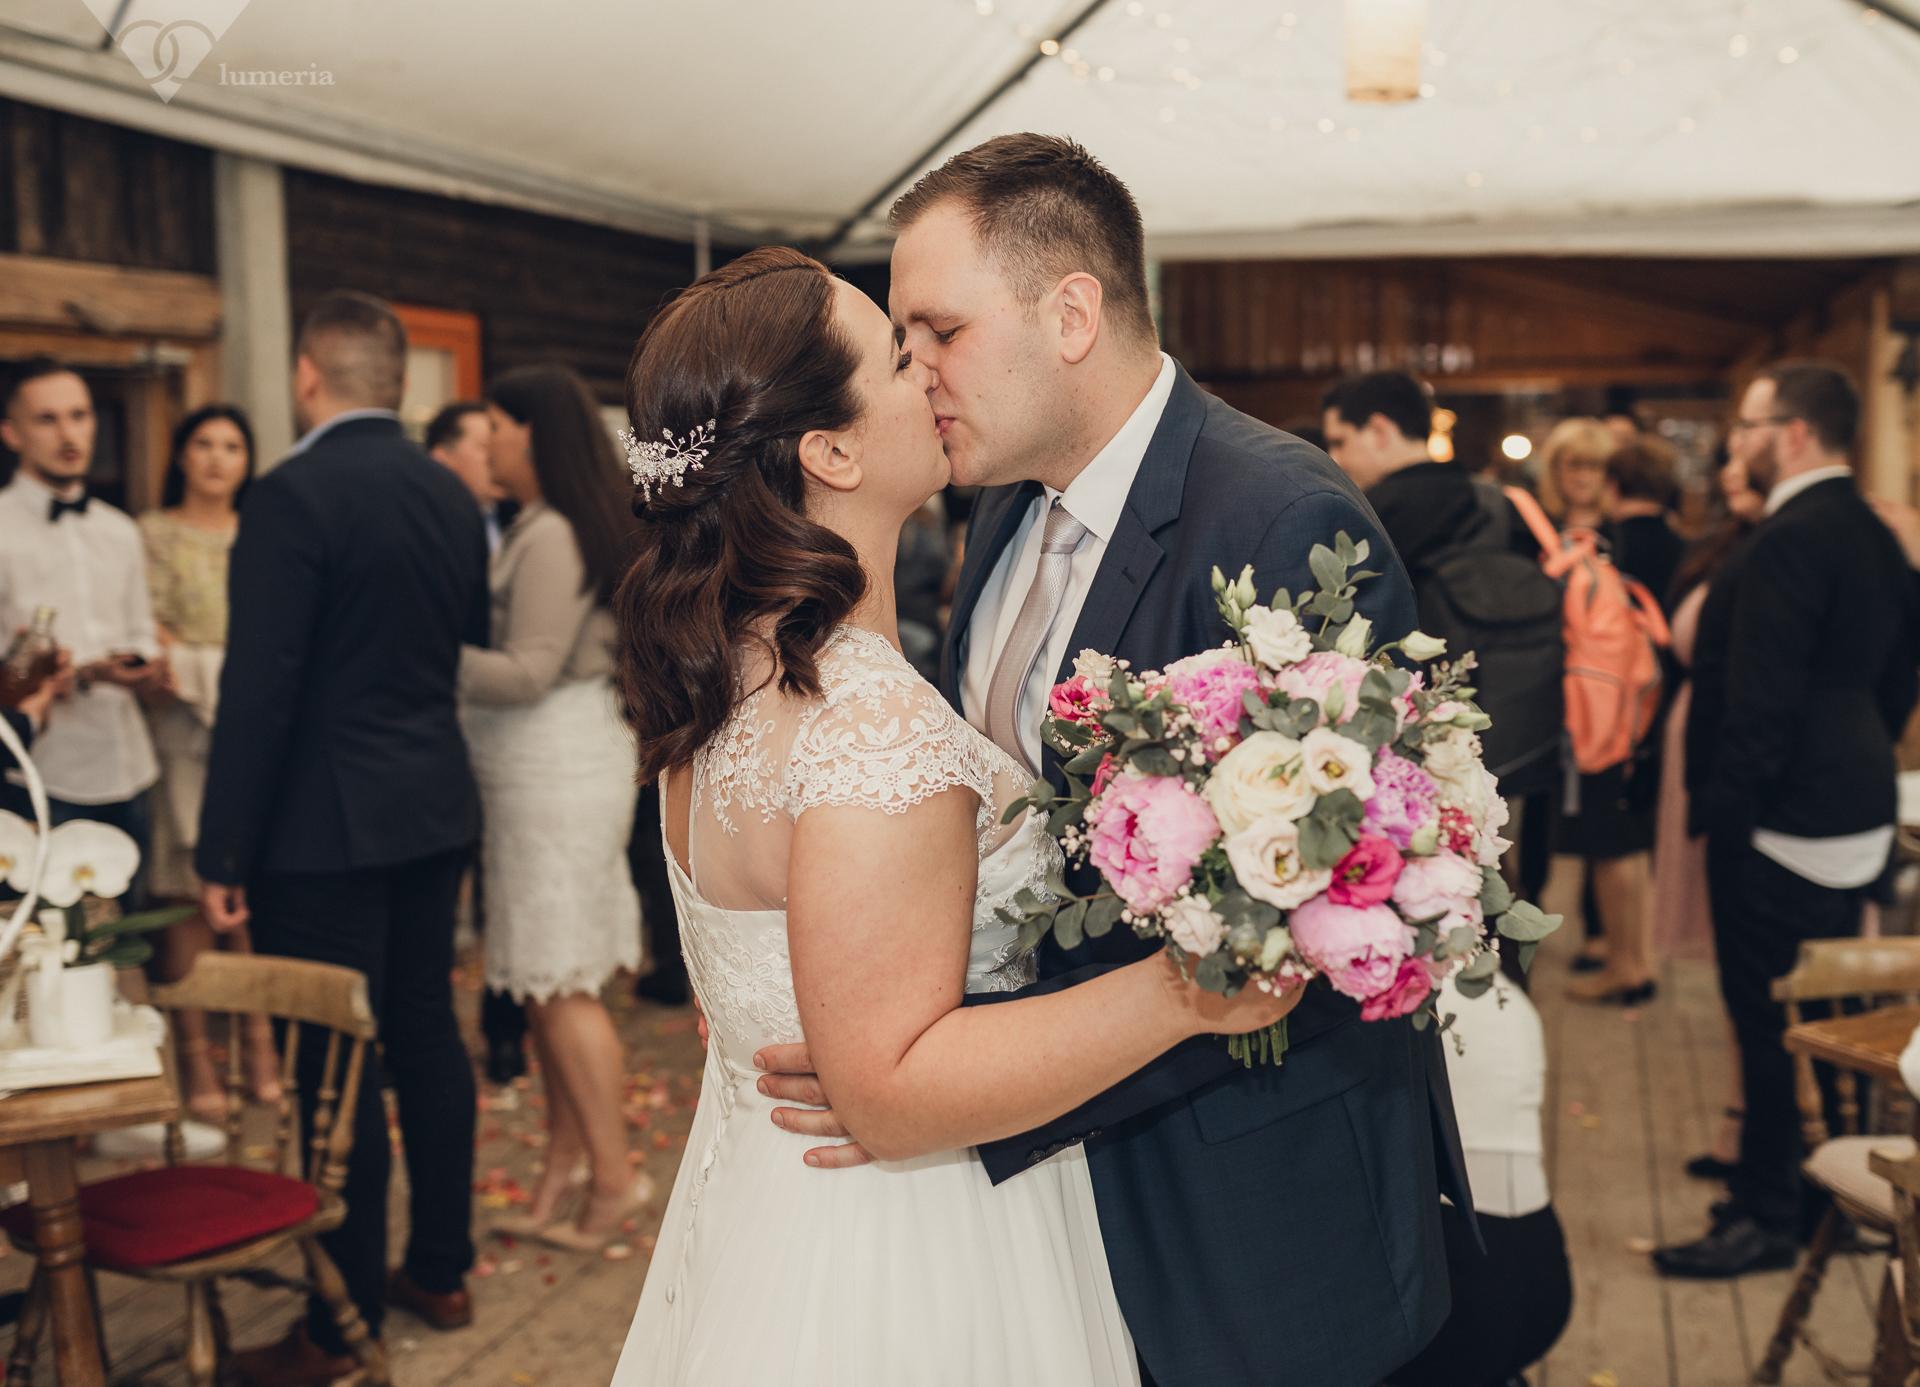 Anja&Igor_2019_Foto-Lumeria_web-191.jpg